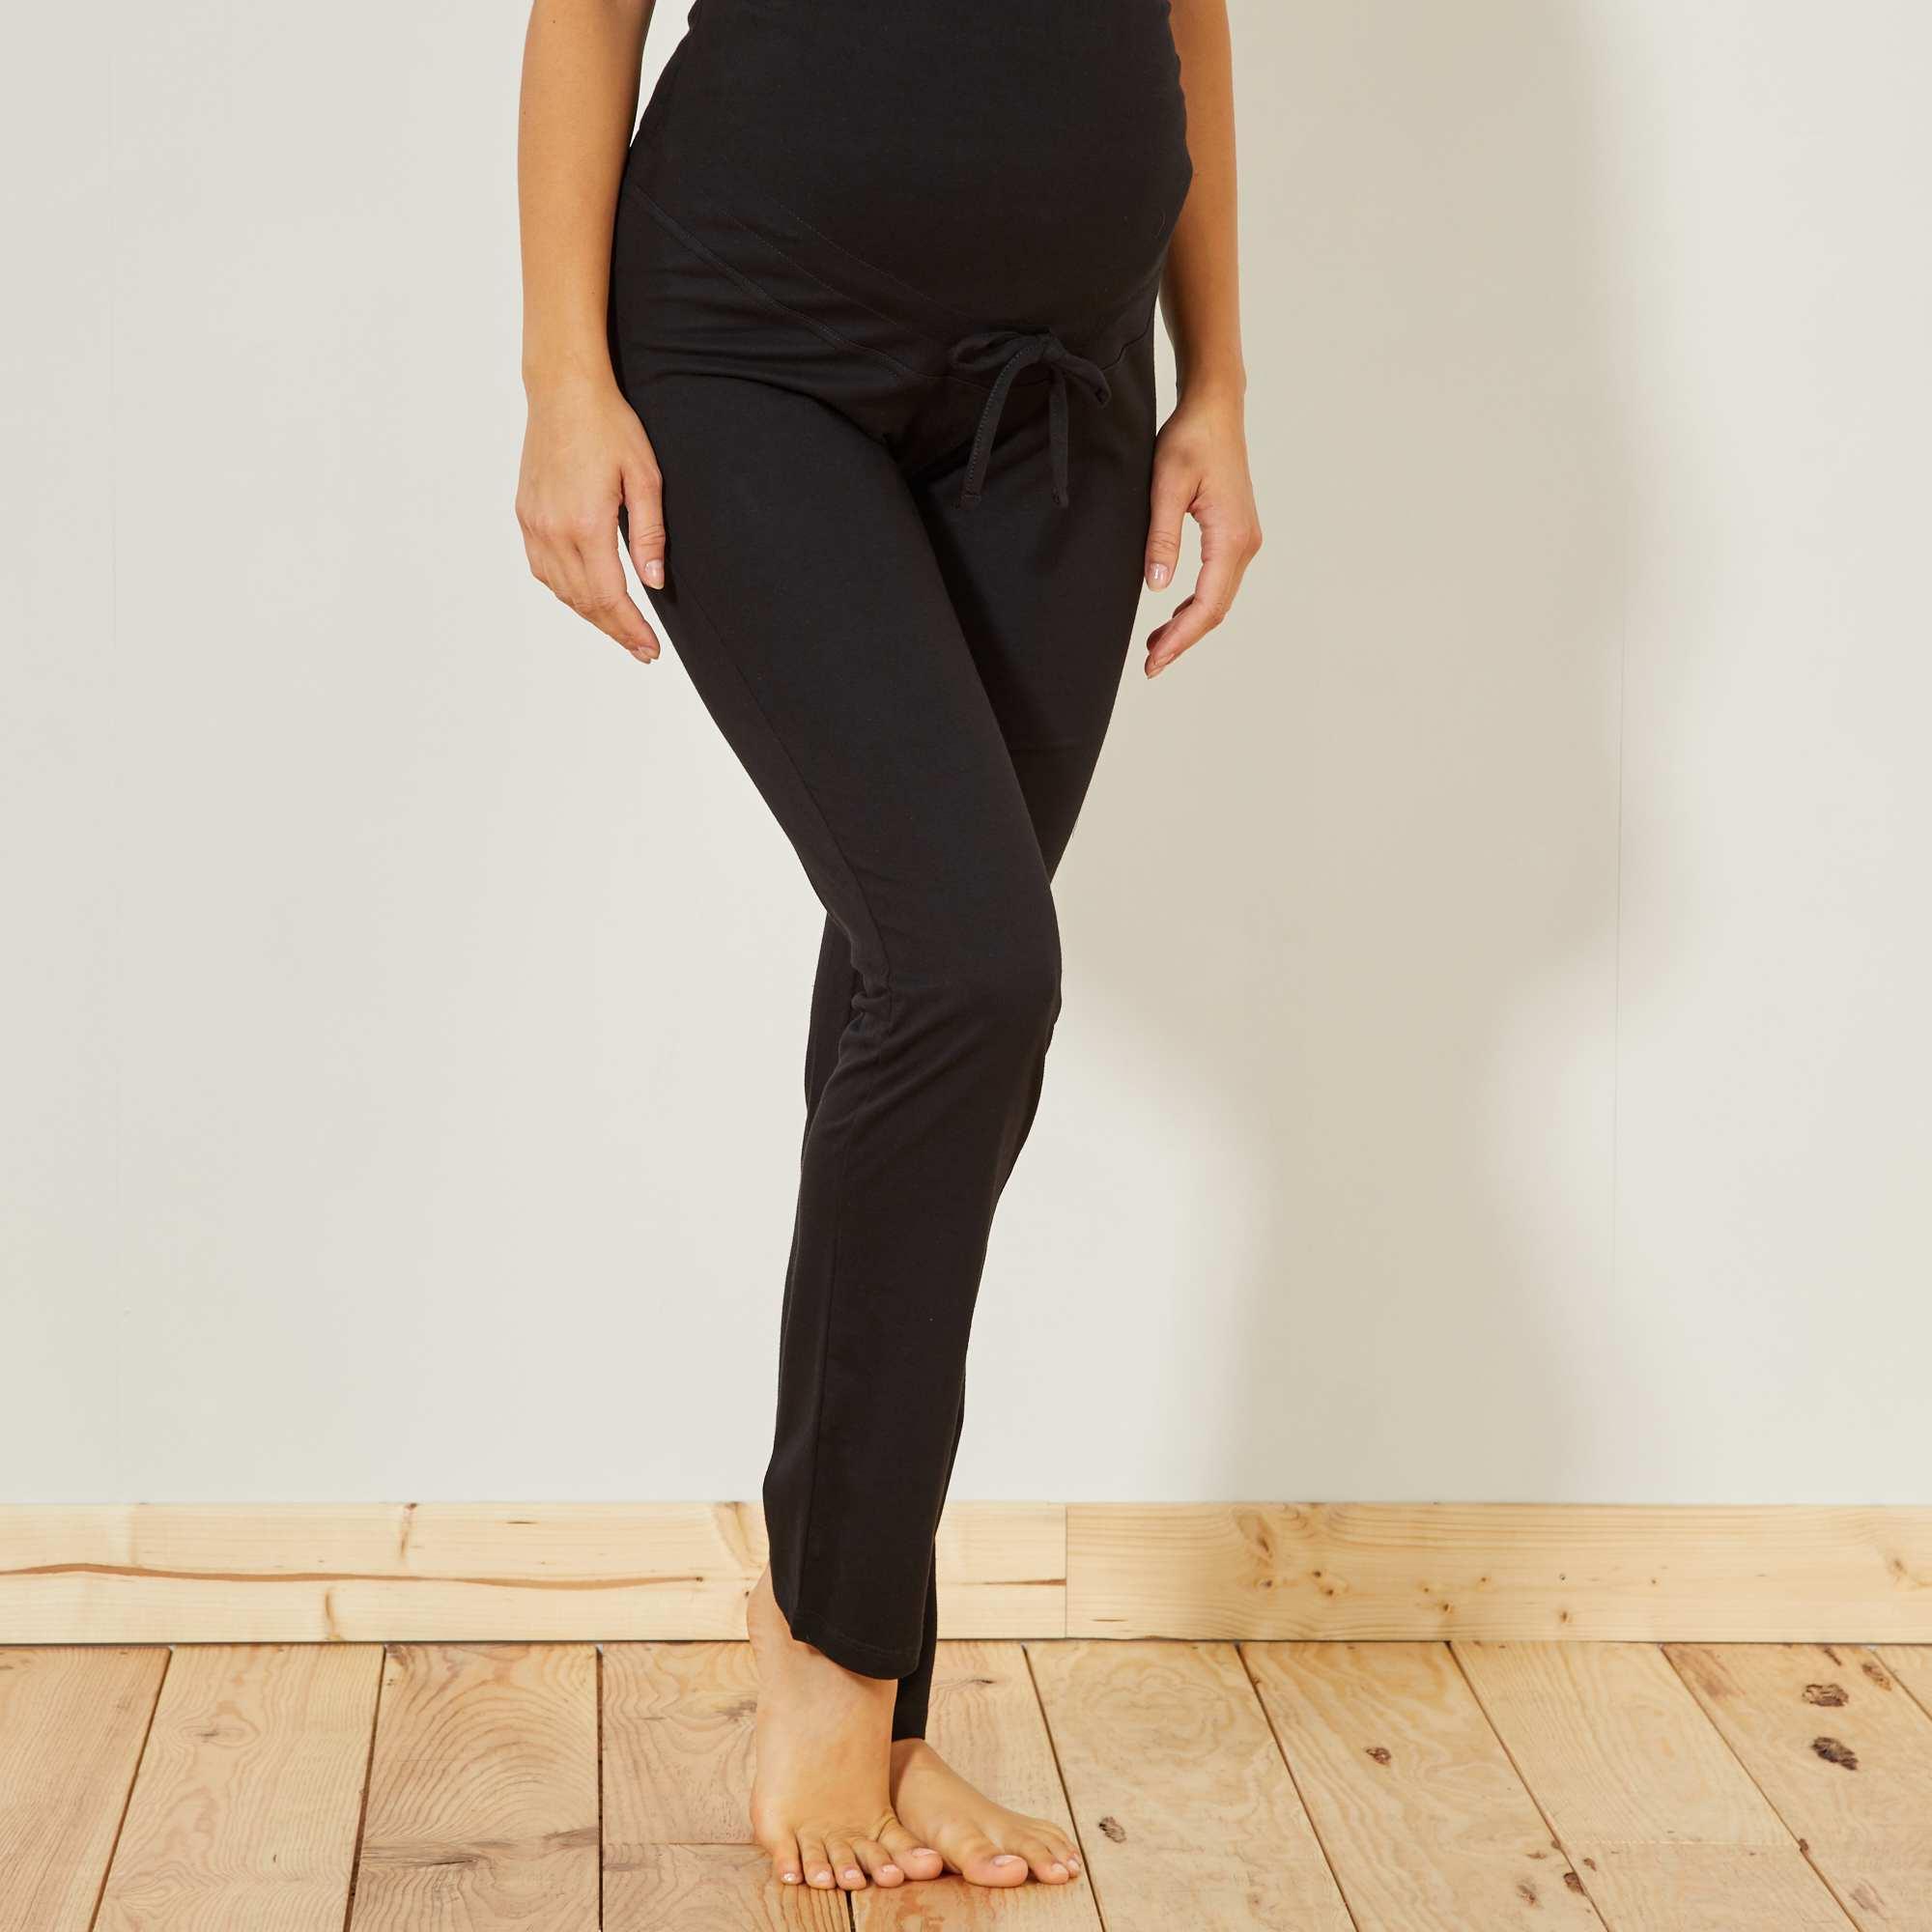 Couleur : noir, marine, ,, - Taille : 42/44, 34/36, 46/48,38/40,50/52Le pantalon en jersey ultra confortable ! - Pantalon jersey - Ceinture jersey -